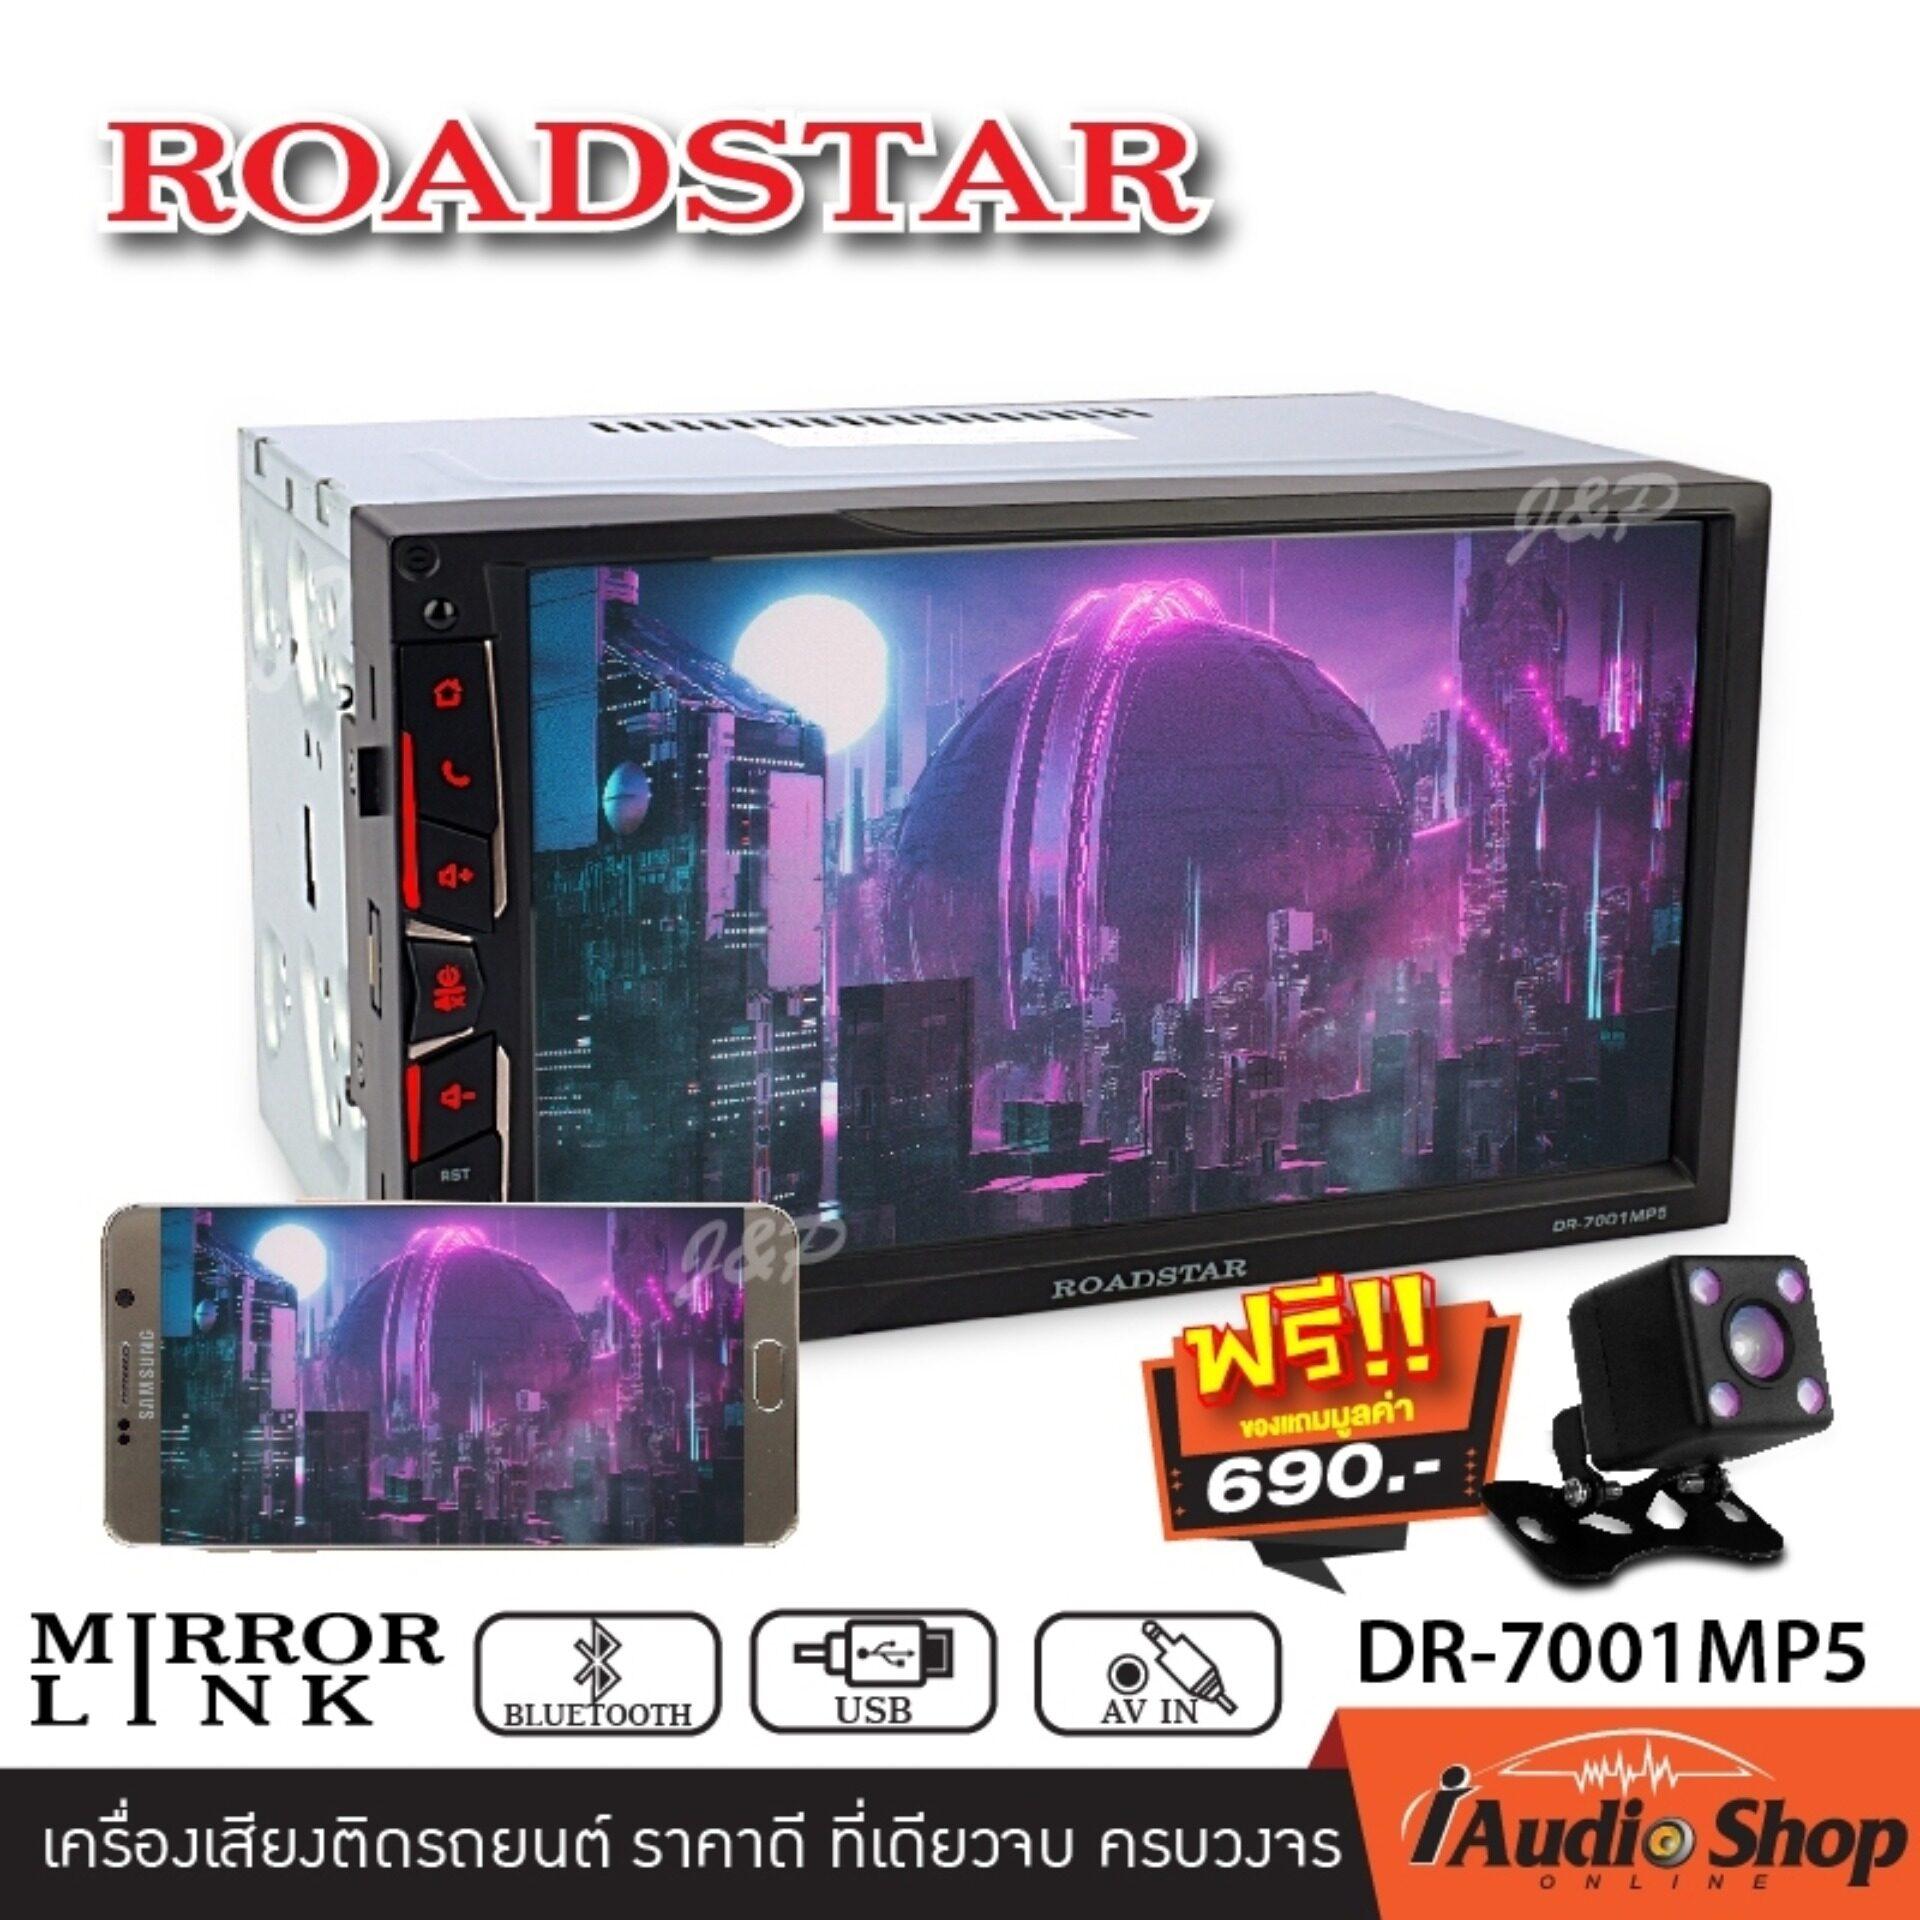 แถมฟรี กล้องมองหลัง เครื่องเสียงรถ วิทยุติดรถยนต์ Roadstar Dr-7001mp5 (mirrorlink รองรับ Androidสูงสุด 9.0) แบบไม่ใช้แผ่น 2din ขนาด7นิ้ว.